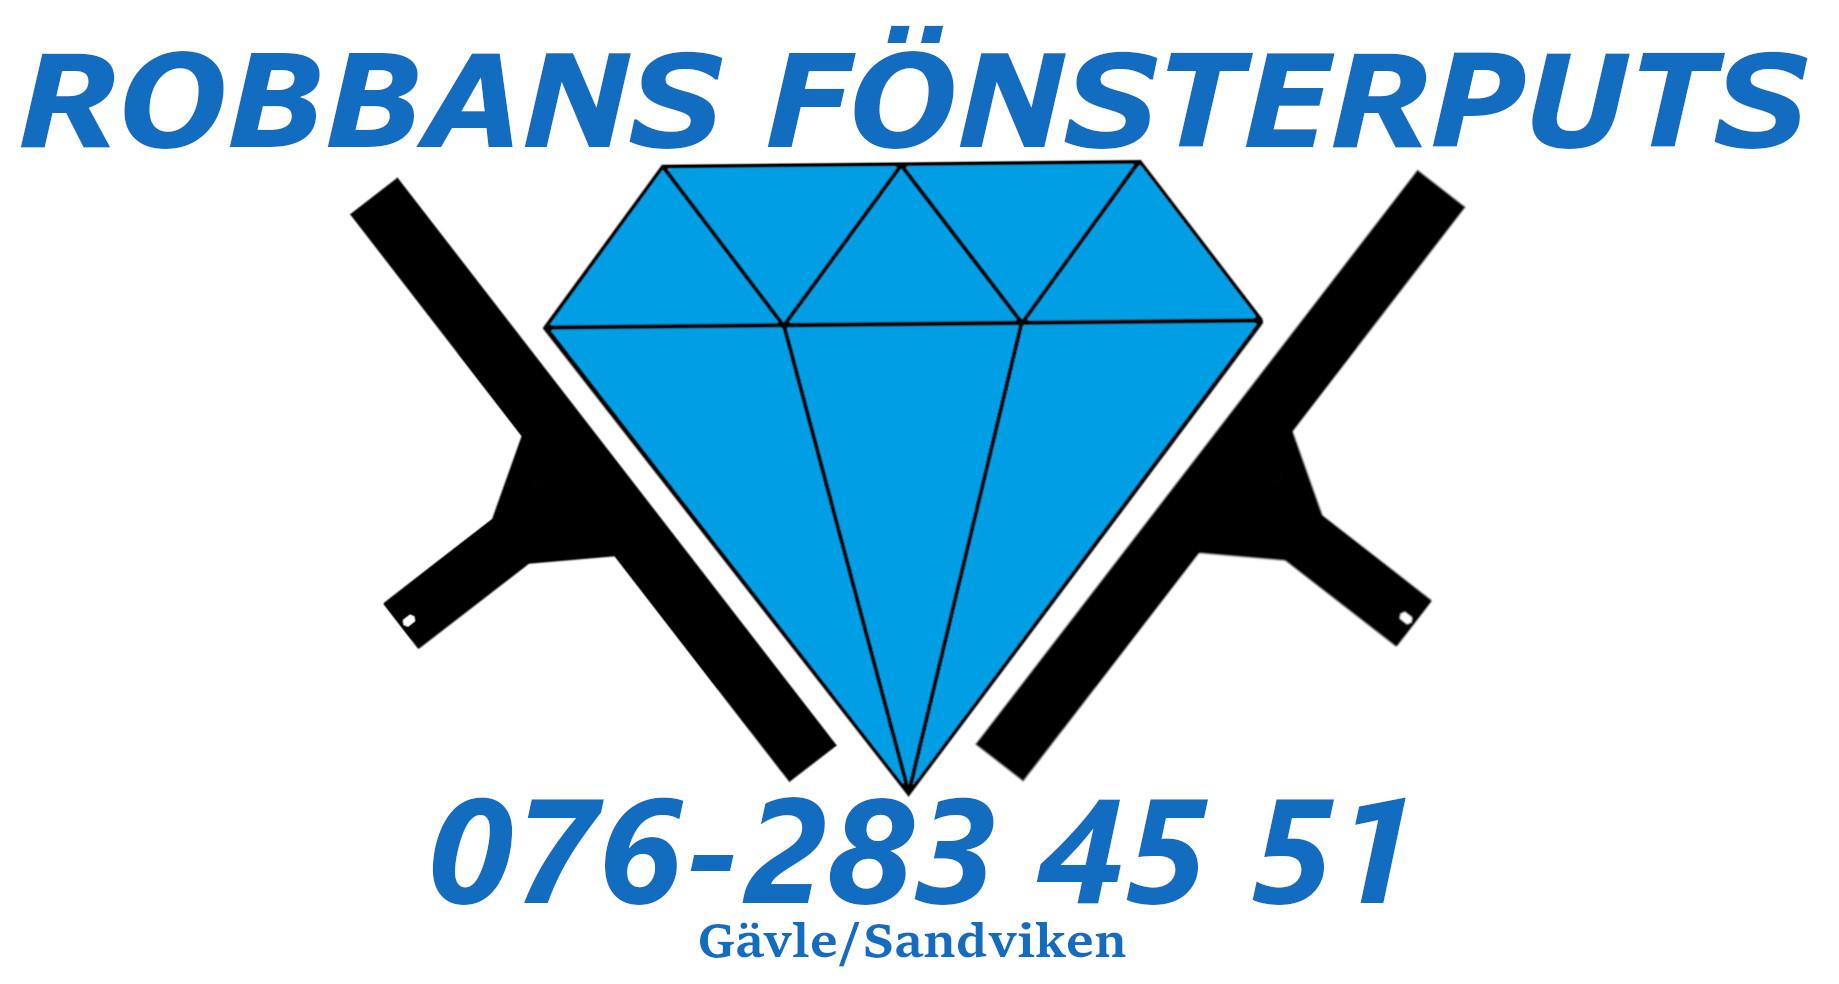 Robbans Fönsterputs Gävle/Sandviken